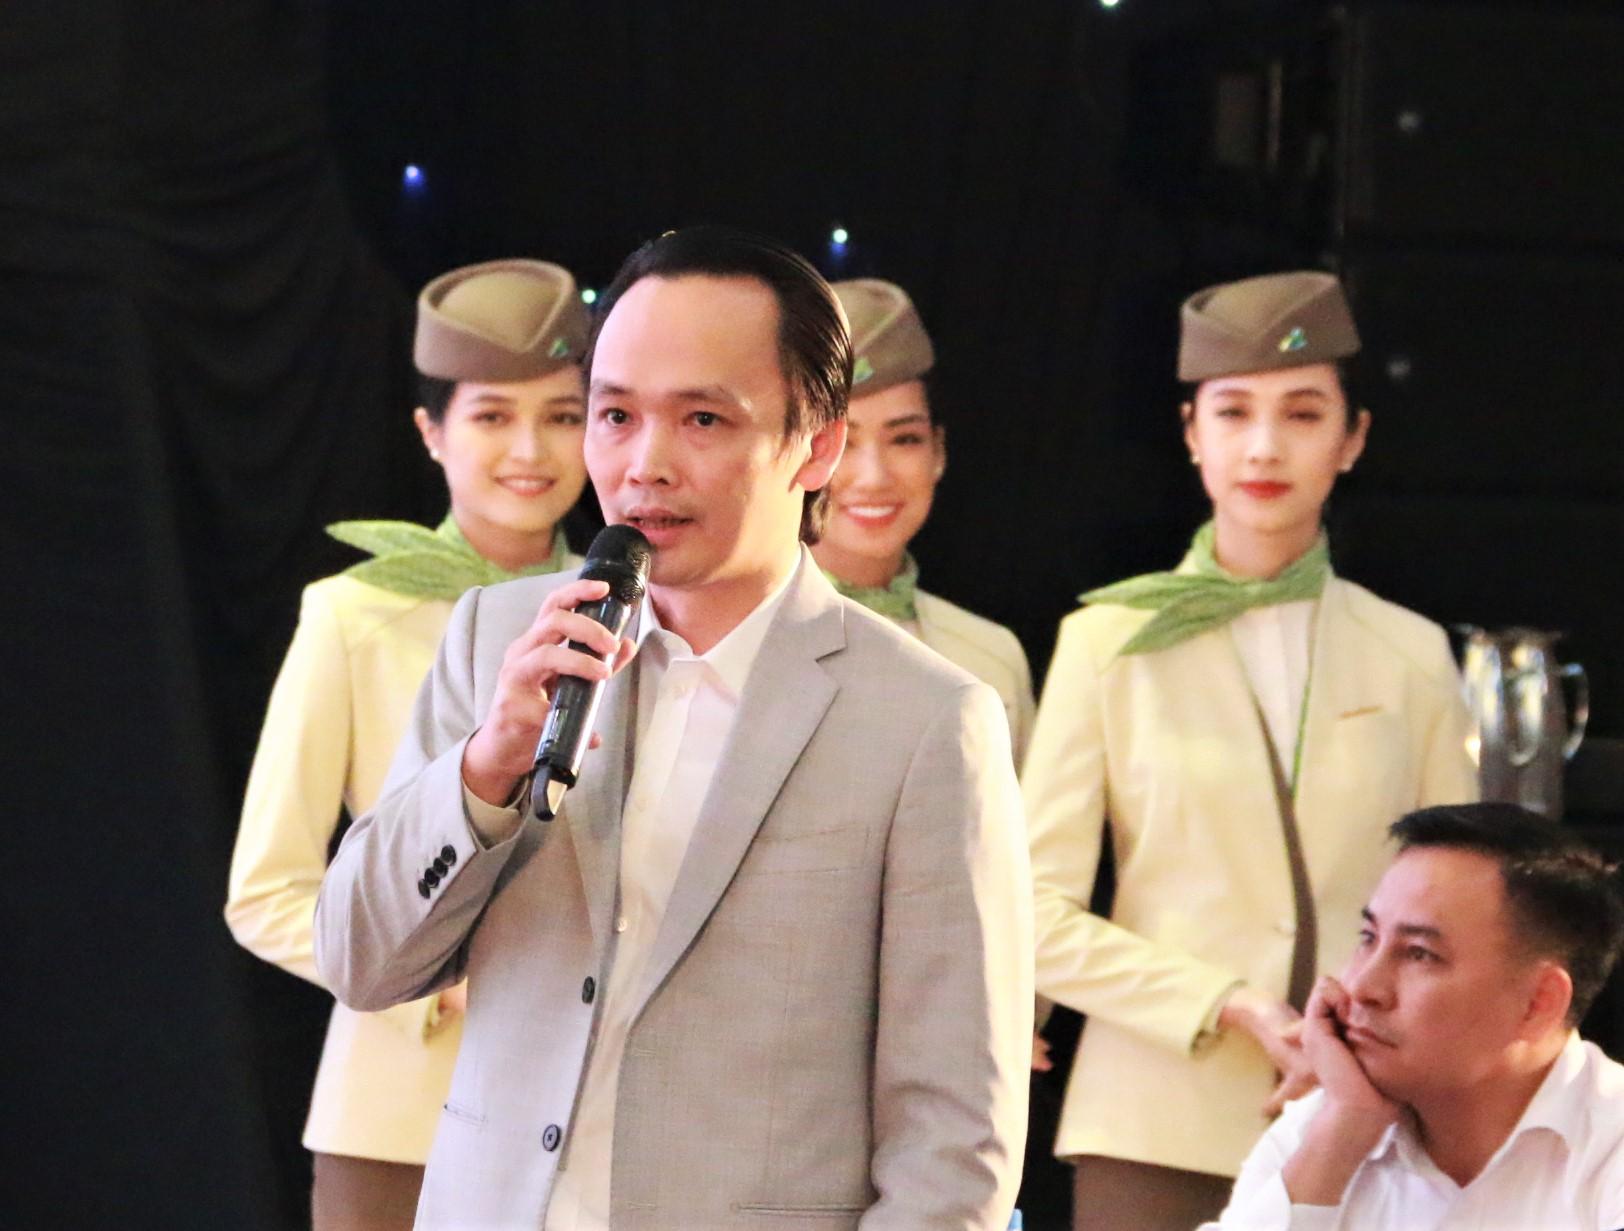 Ông Trịnh Văn Quyết tìm người làm việc cho Bamboo Airways tại Mỹ - Ảnh 1.